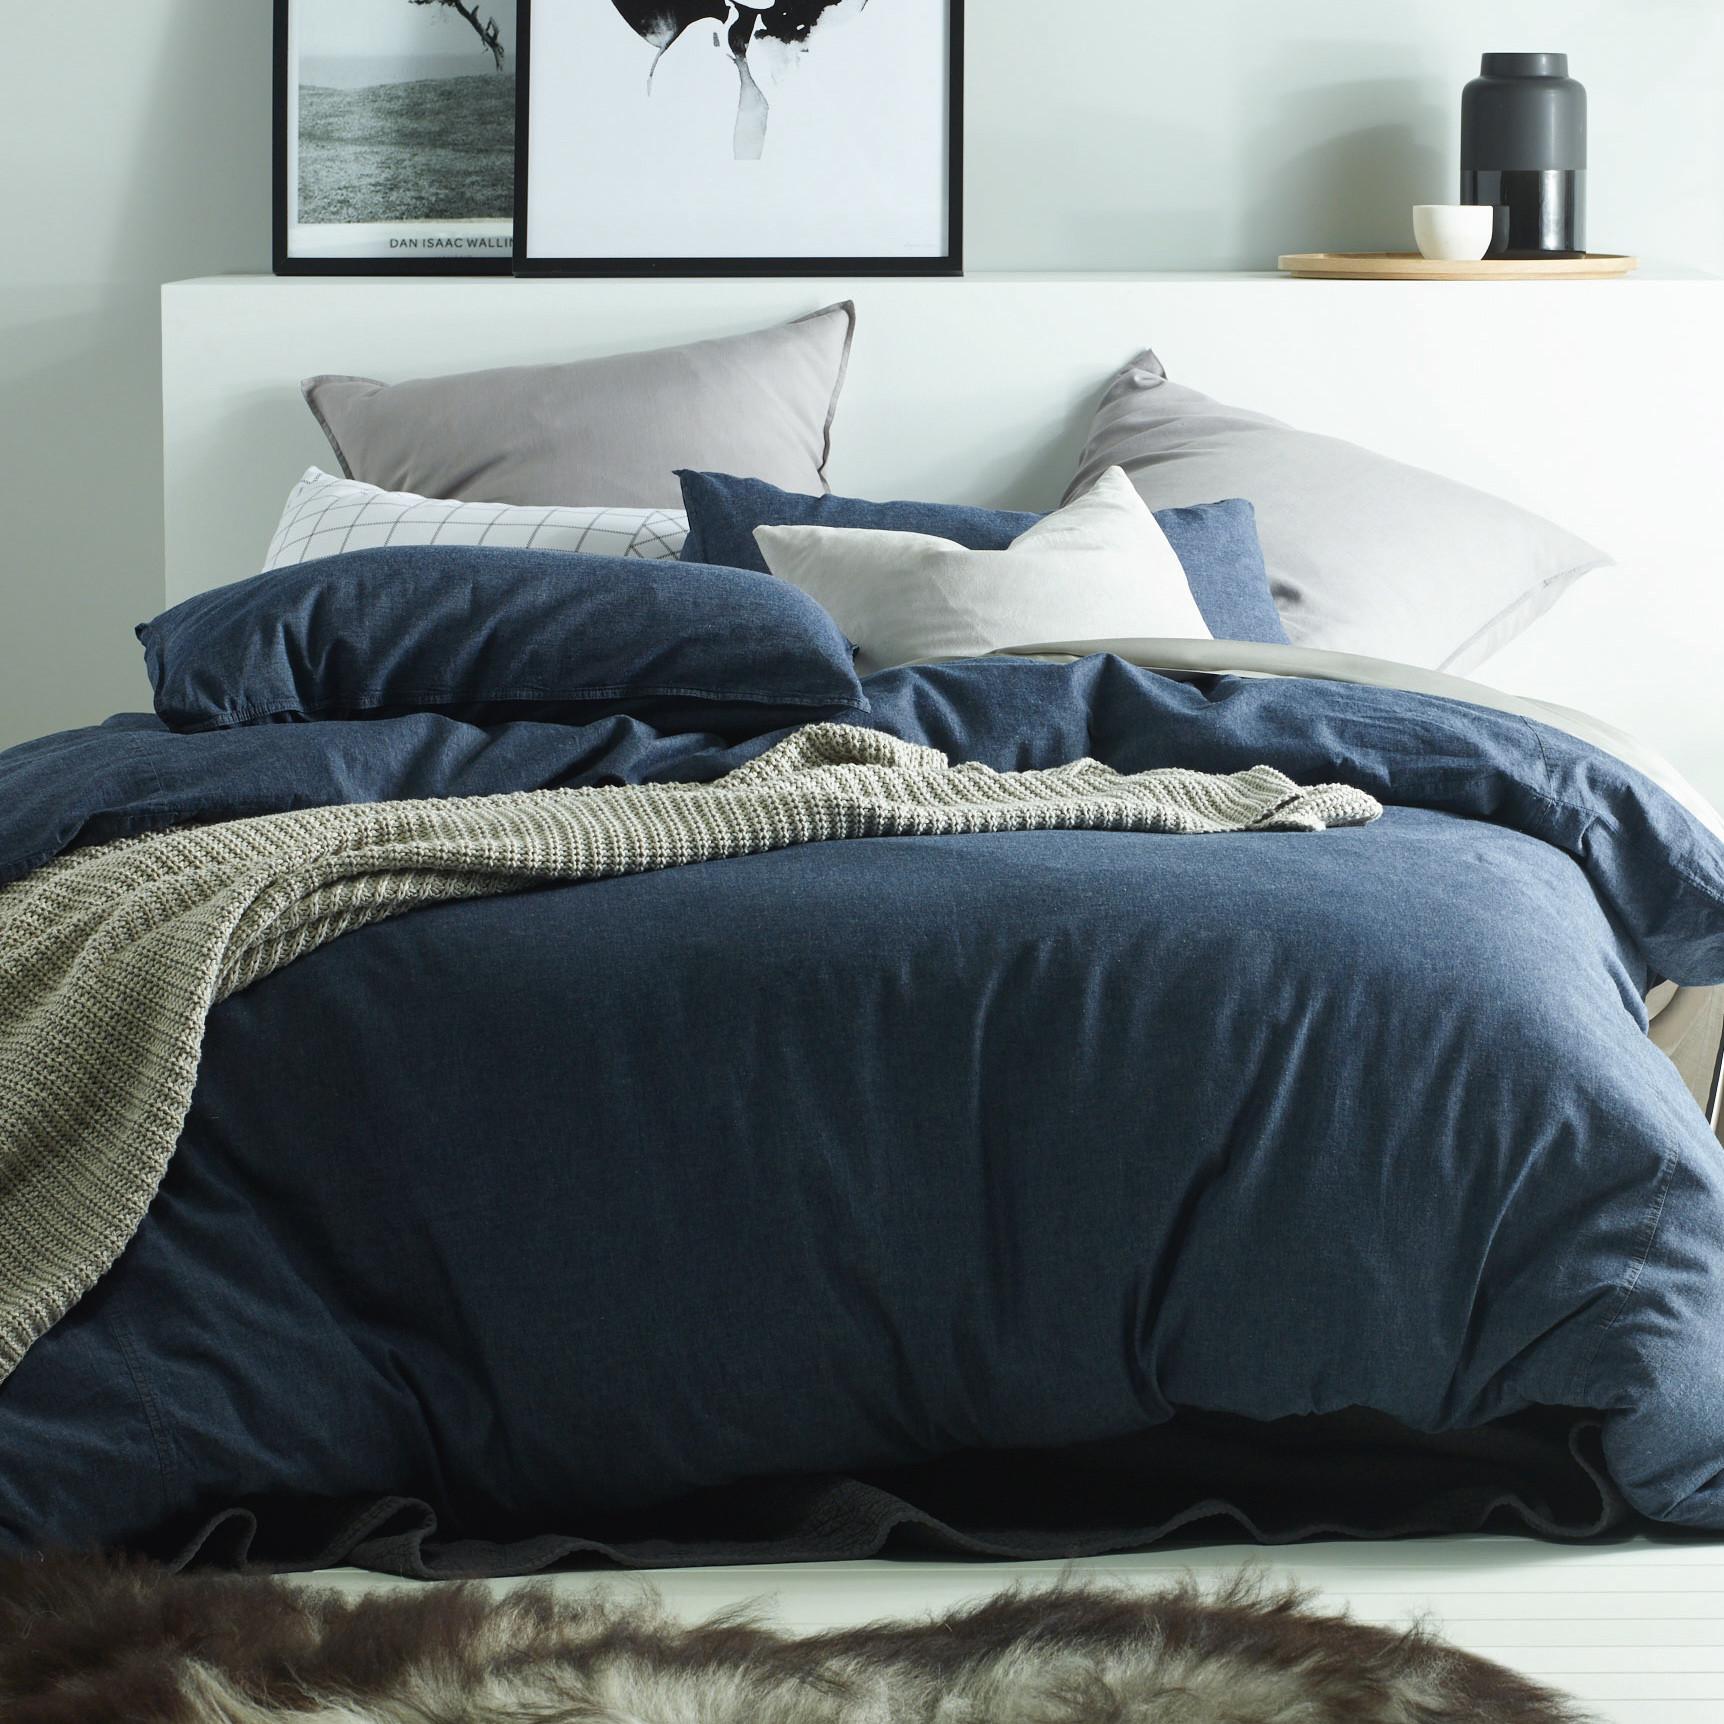 wayfair quilt reviews bath pdx manor bed tousignant lark set